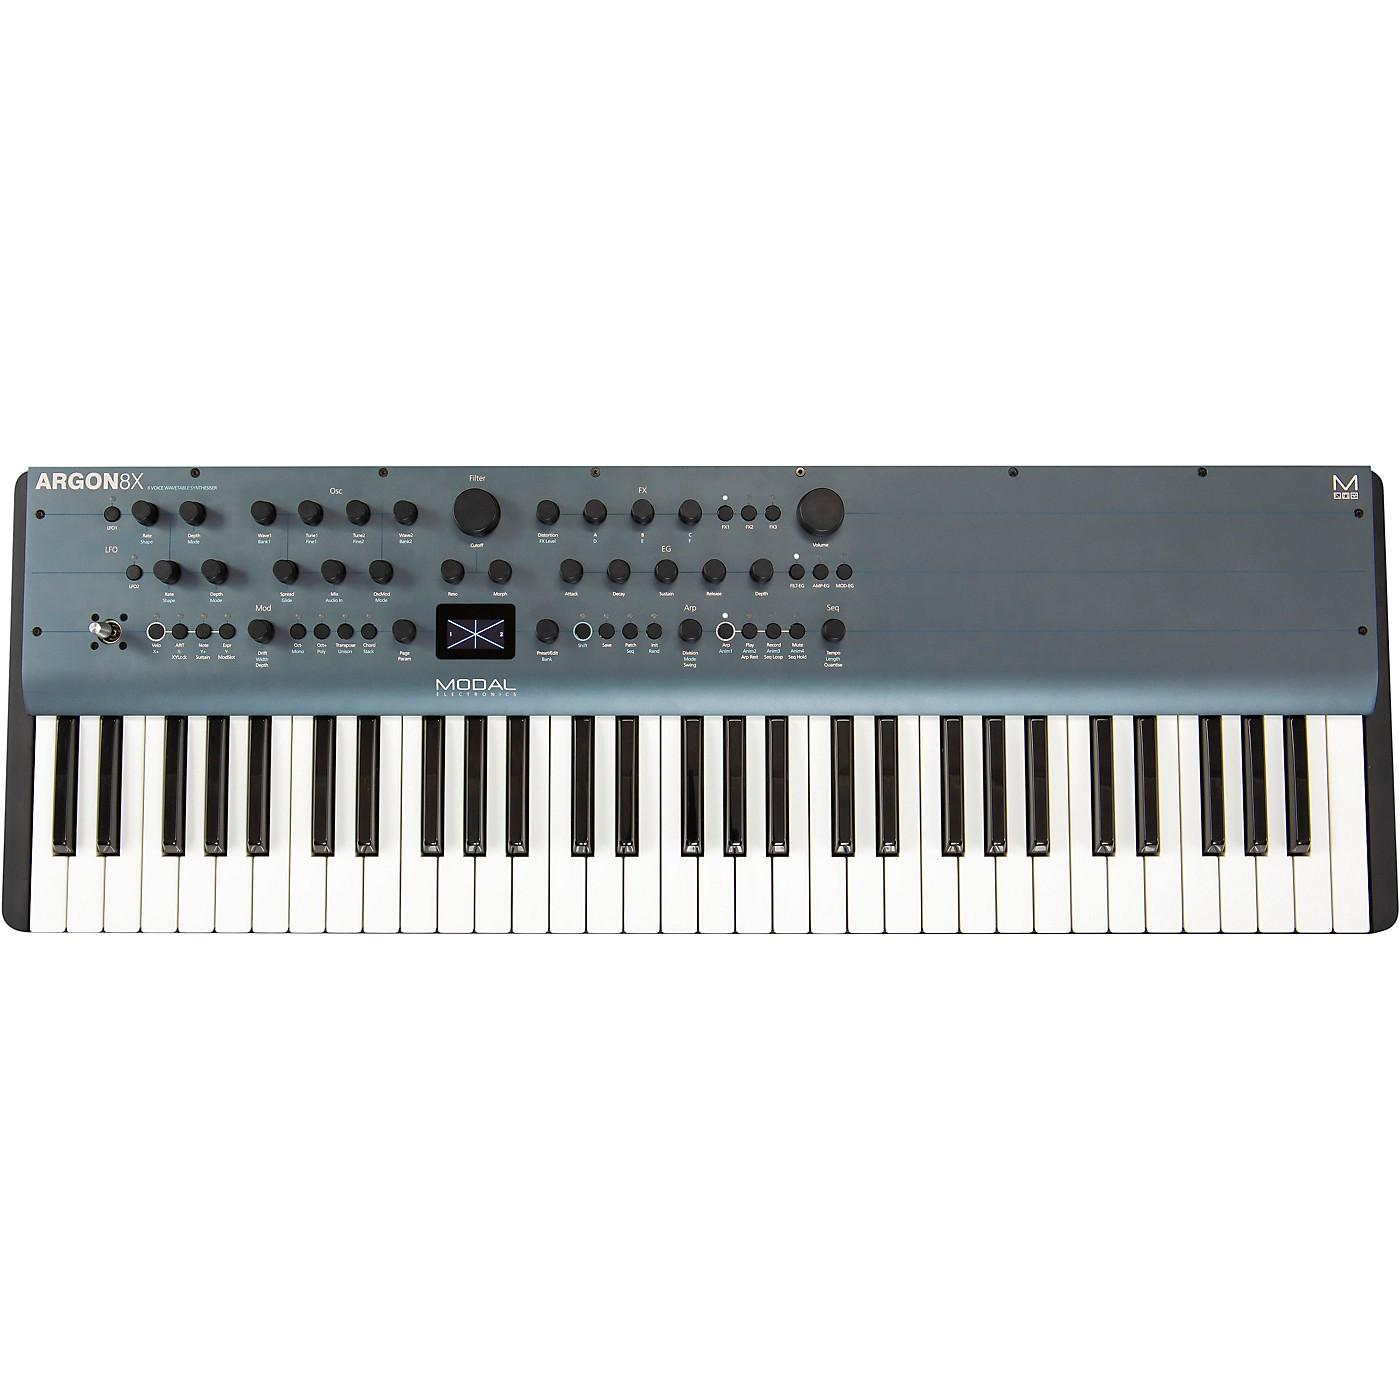 Modal Electronics Limited Argon8X 61-Key 8-Voice Polyphonic Wavetable Synthesizer thumbnail